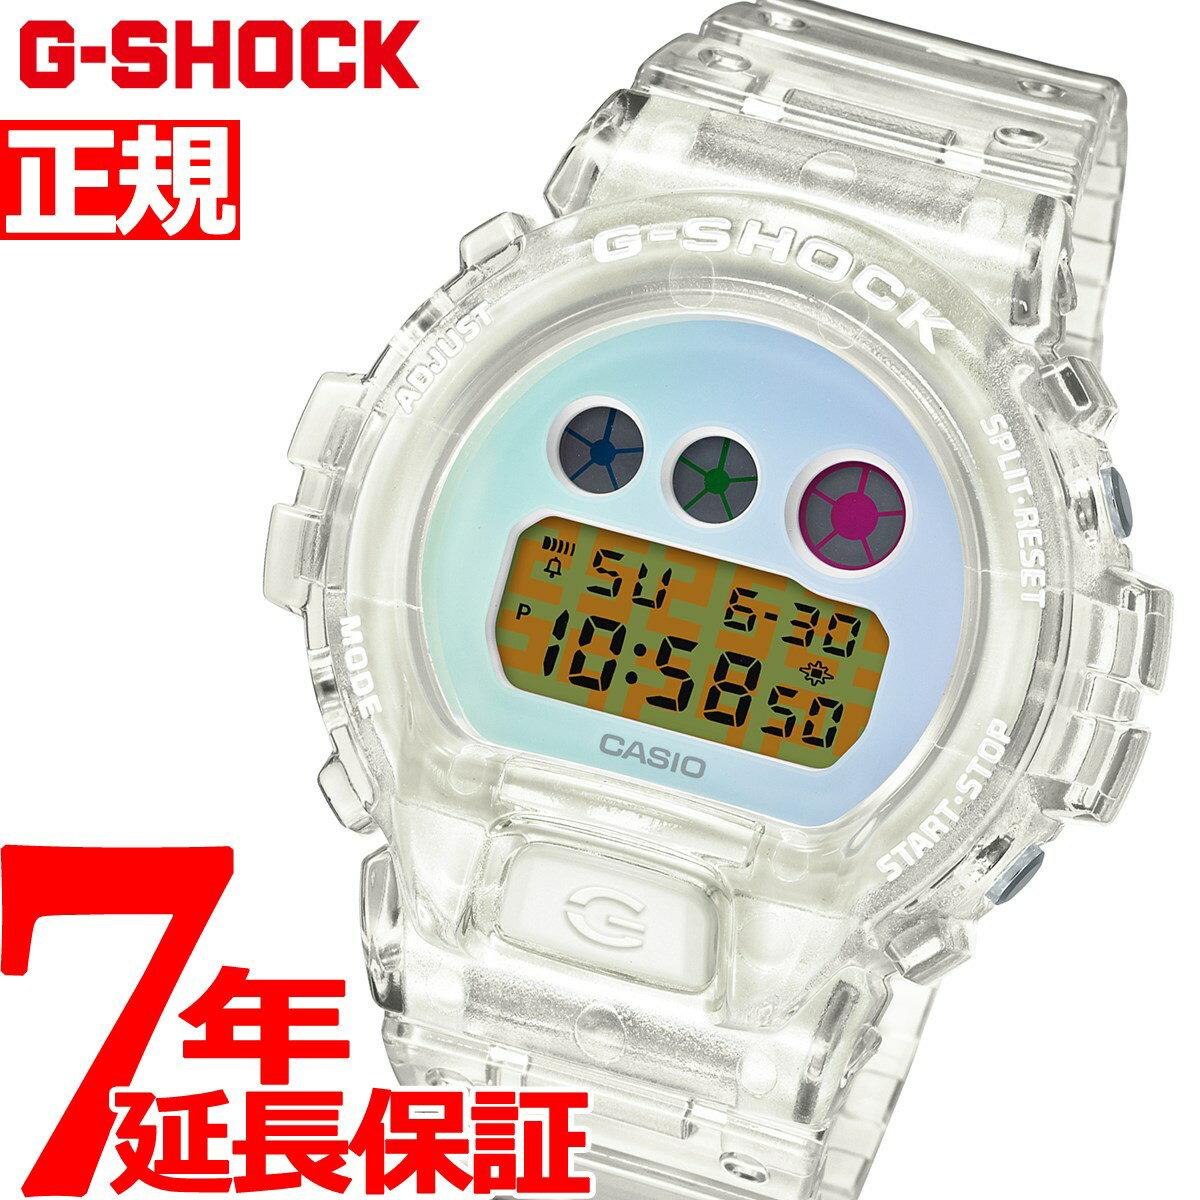 腕時計, メンズ腕時計 429959G-SHOCK G CASIO DW-6900 25th Anniversary DW-6900SP-7JR2020